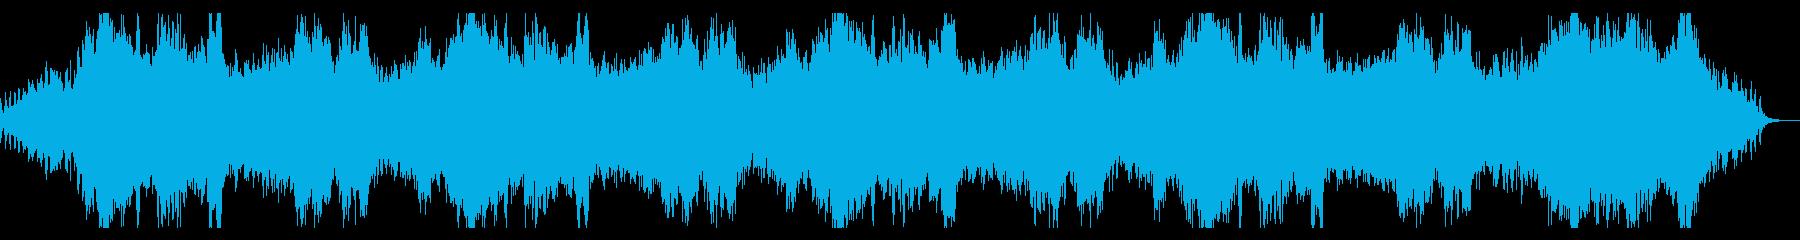 シネマチックで淡々とダークなホラーBGMの再生済みの波形